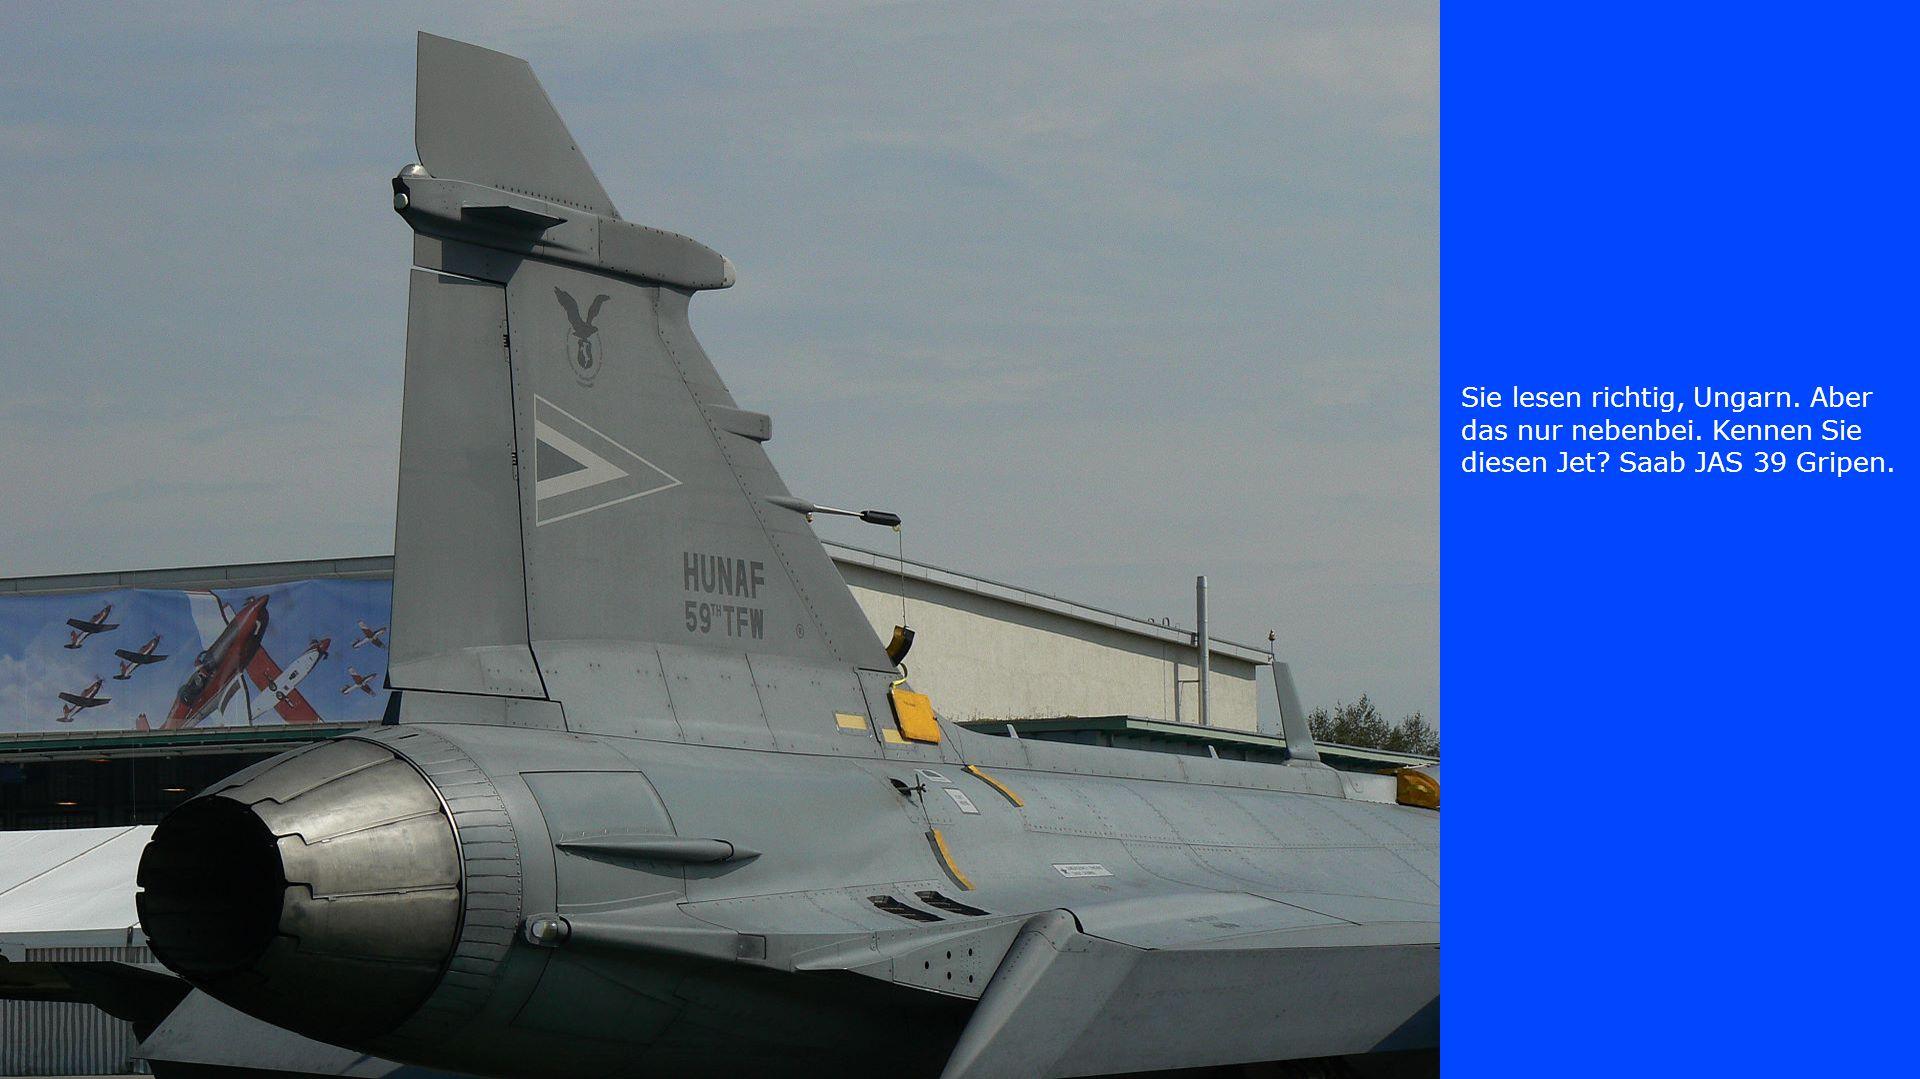 Sie lesen richtig, Ungarn. Aber das nur nebenbei. Kennen Sie diesen Jet Saab JAS 39 Gripen.